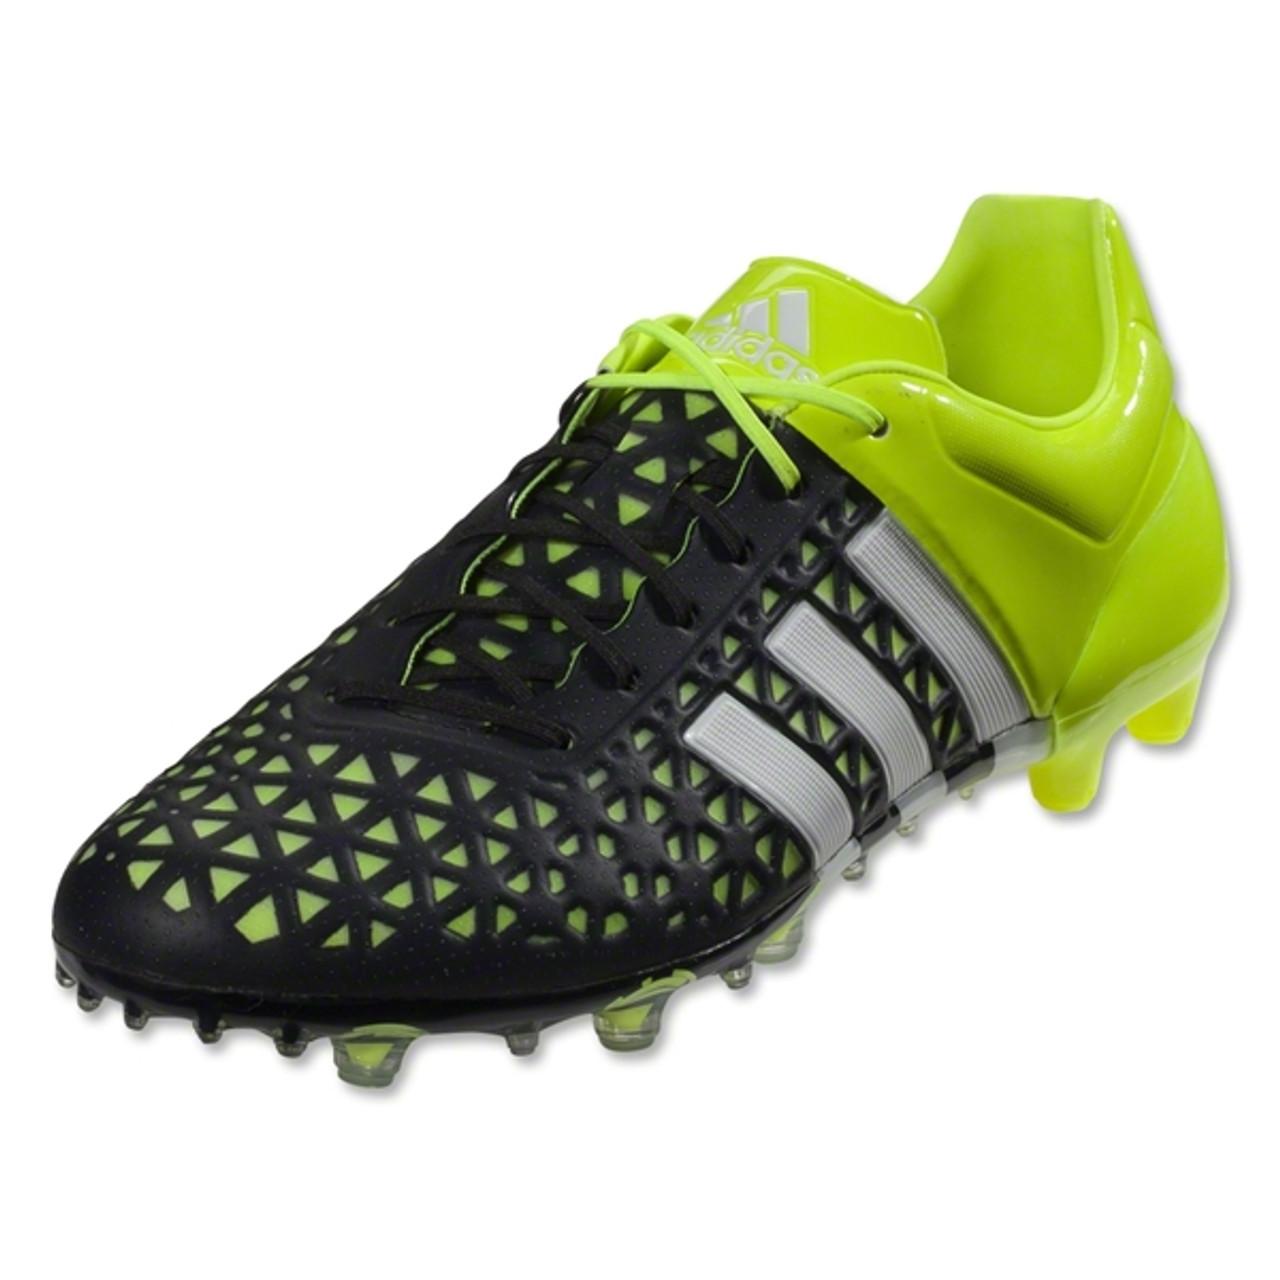 5a2928f68d Adidas Ace 15.1 FG AG - Yellow - Soccer City